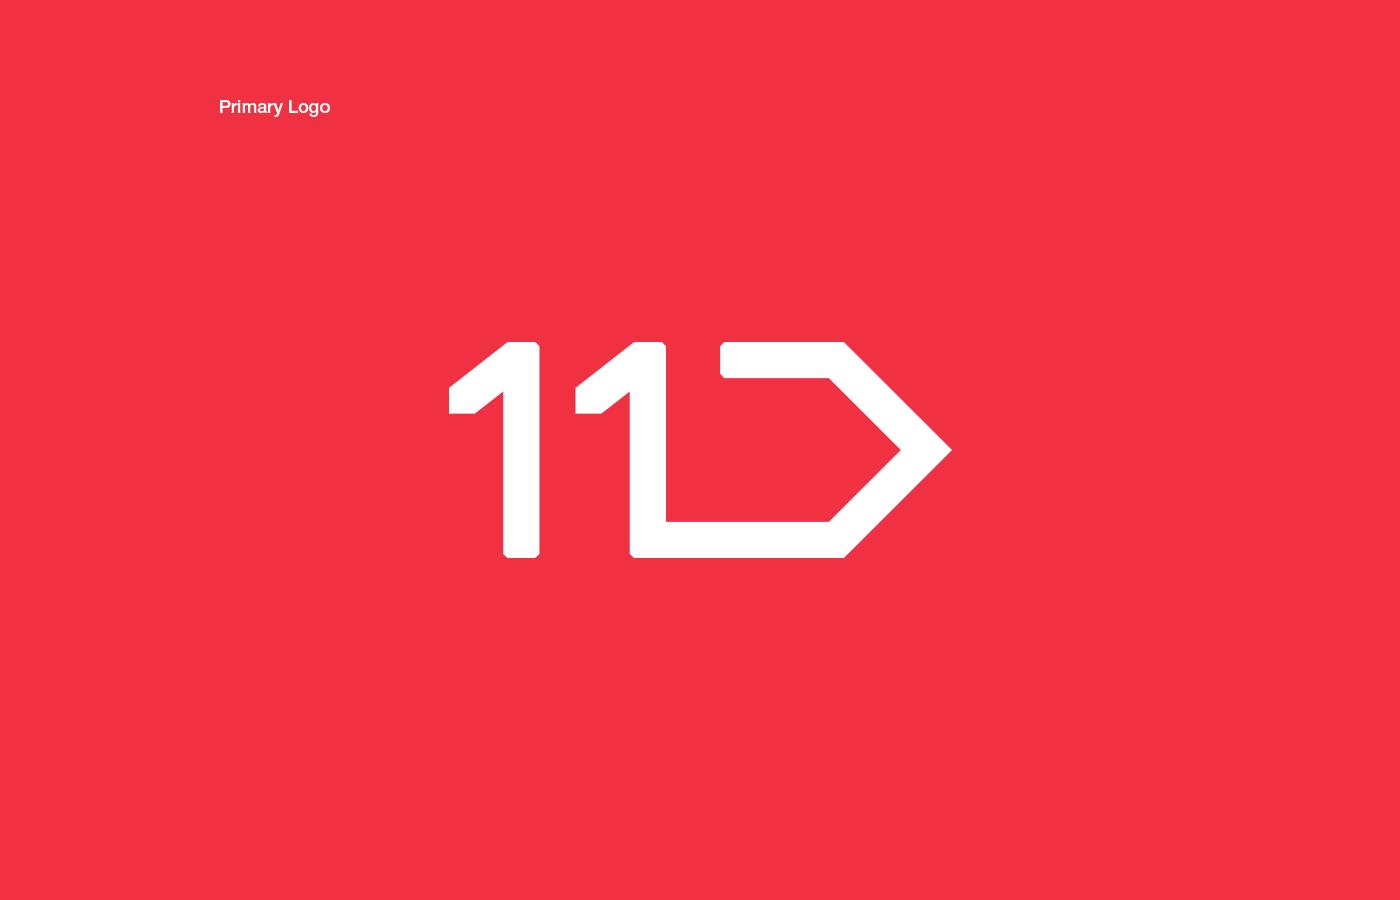 十一街(11STREET)电子商务品牌视觉识别系统设计欣赏,所属类别:VIS、互联网、电商、APP、电子通讯